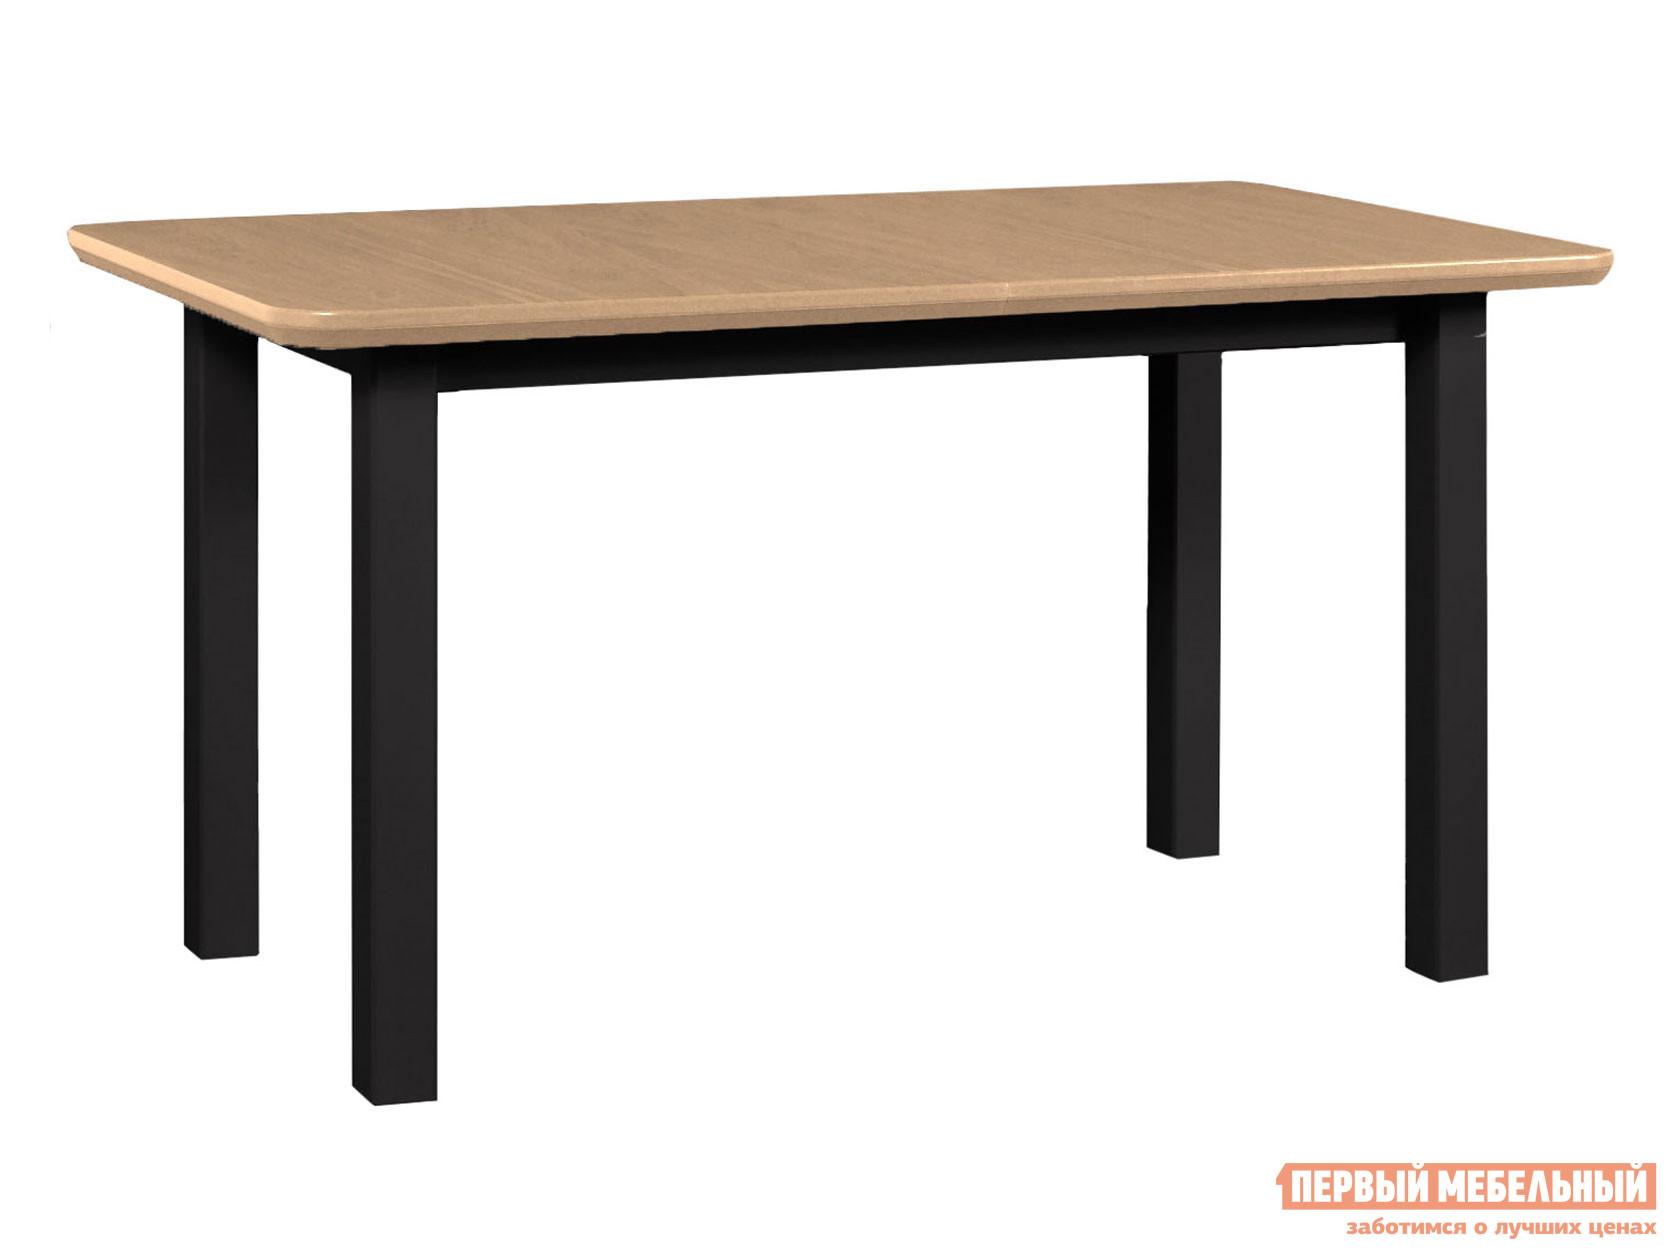 Кухонный стол  Стол WENUS 2 S, 140(180)*80*76 Черный / Дуб Натуральный